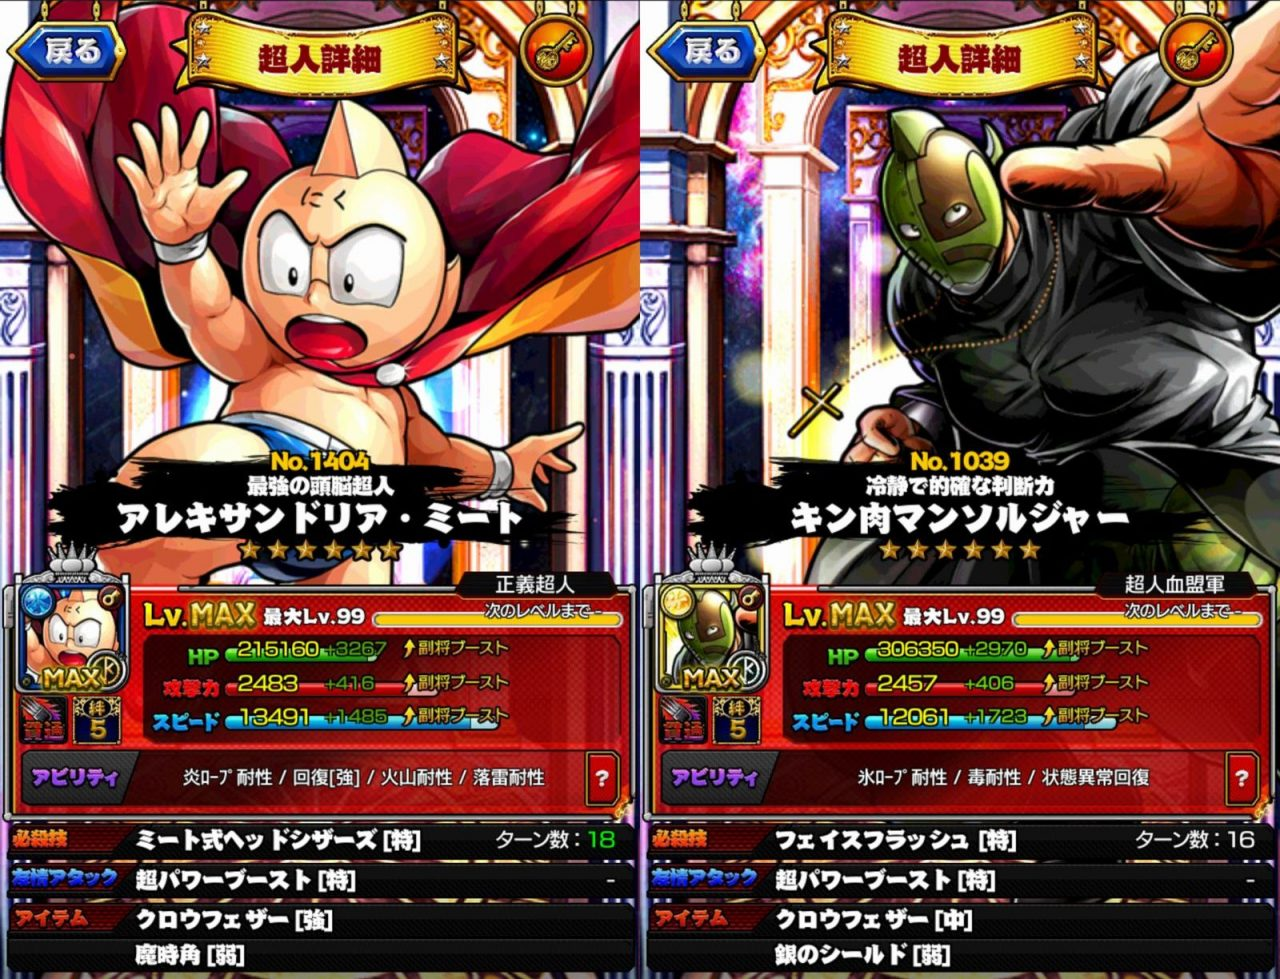 マッスルショット【攻略】: 火力で勝負!王位争奪戦β版 メンバー&ギミック選びのポイント